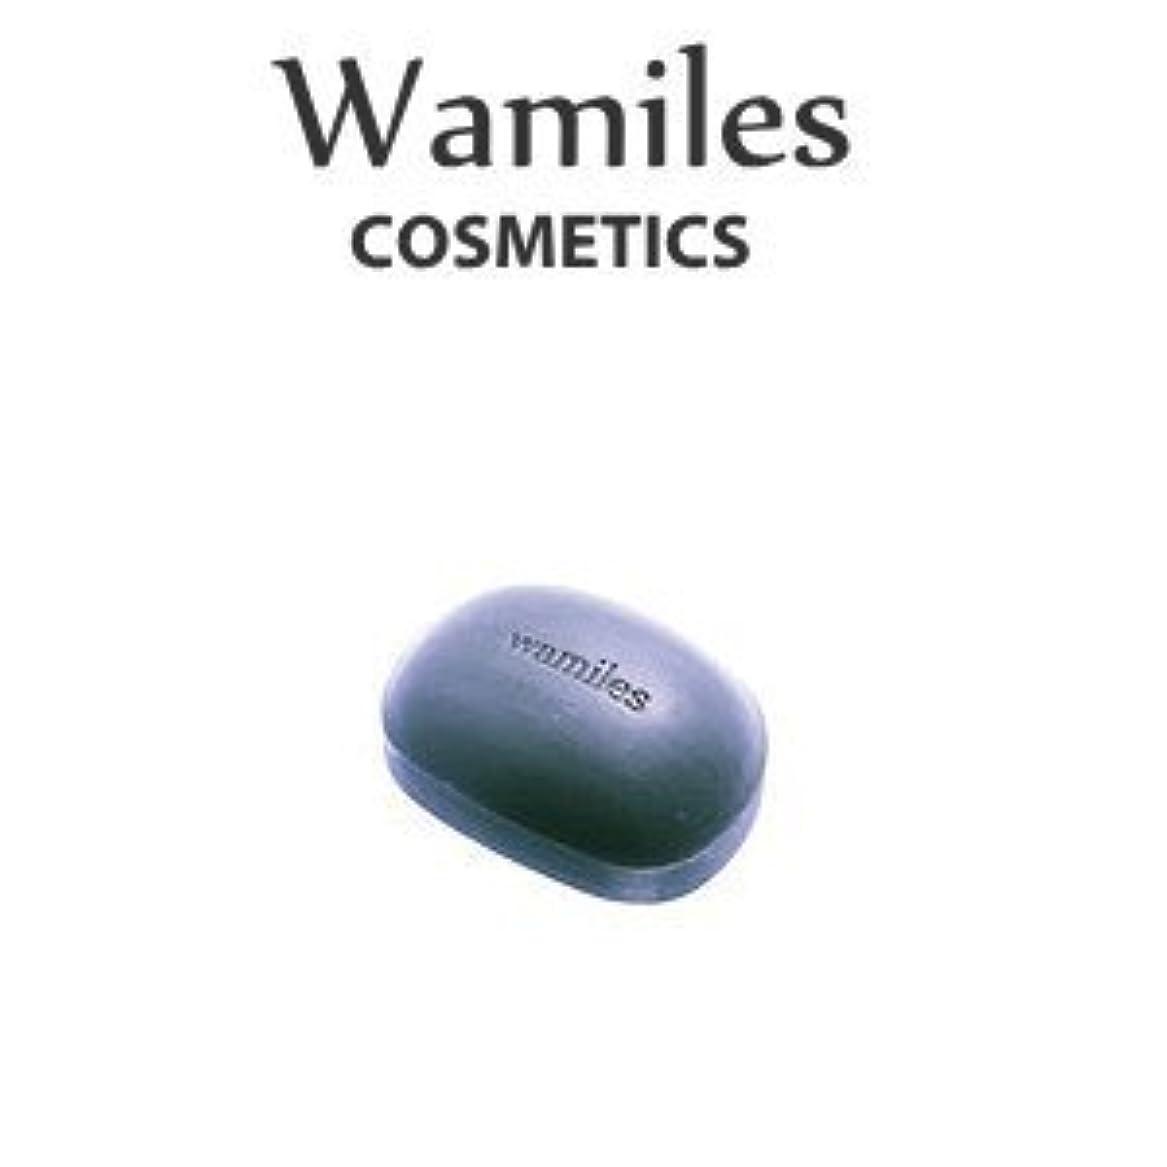 申し込むボリューム無限wamiles/ワミレス ベーシックライン イオンヌ クレイソープ 100g